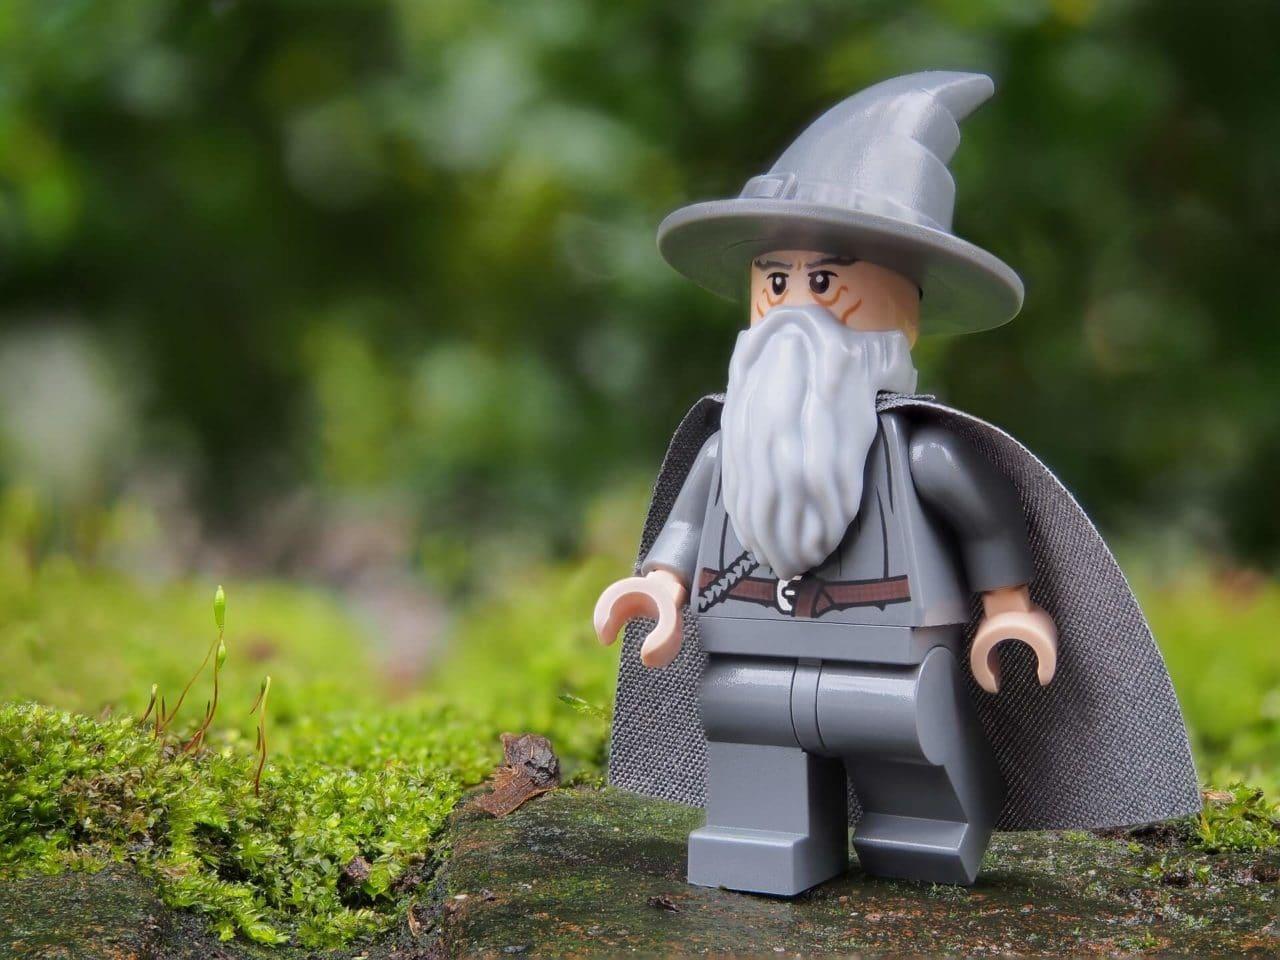 Descubierto un inédito de Tolkien sobre el poema épico 'Beowulf'